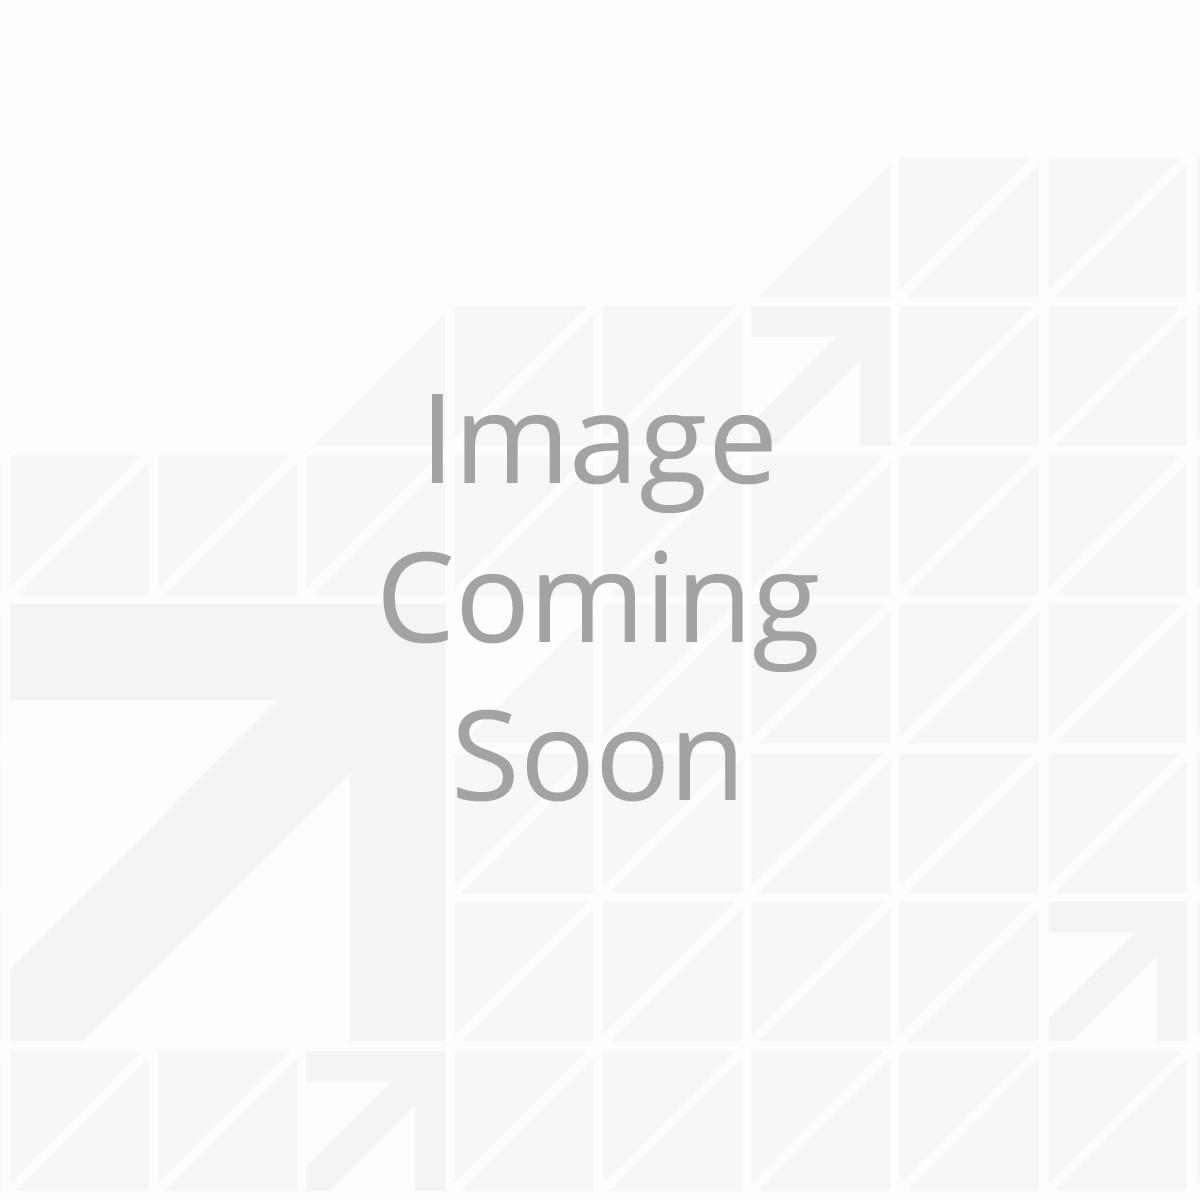 axle_137383